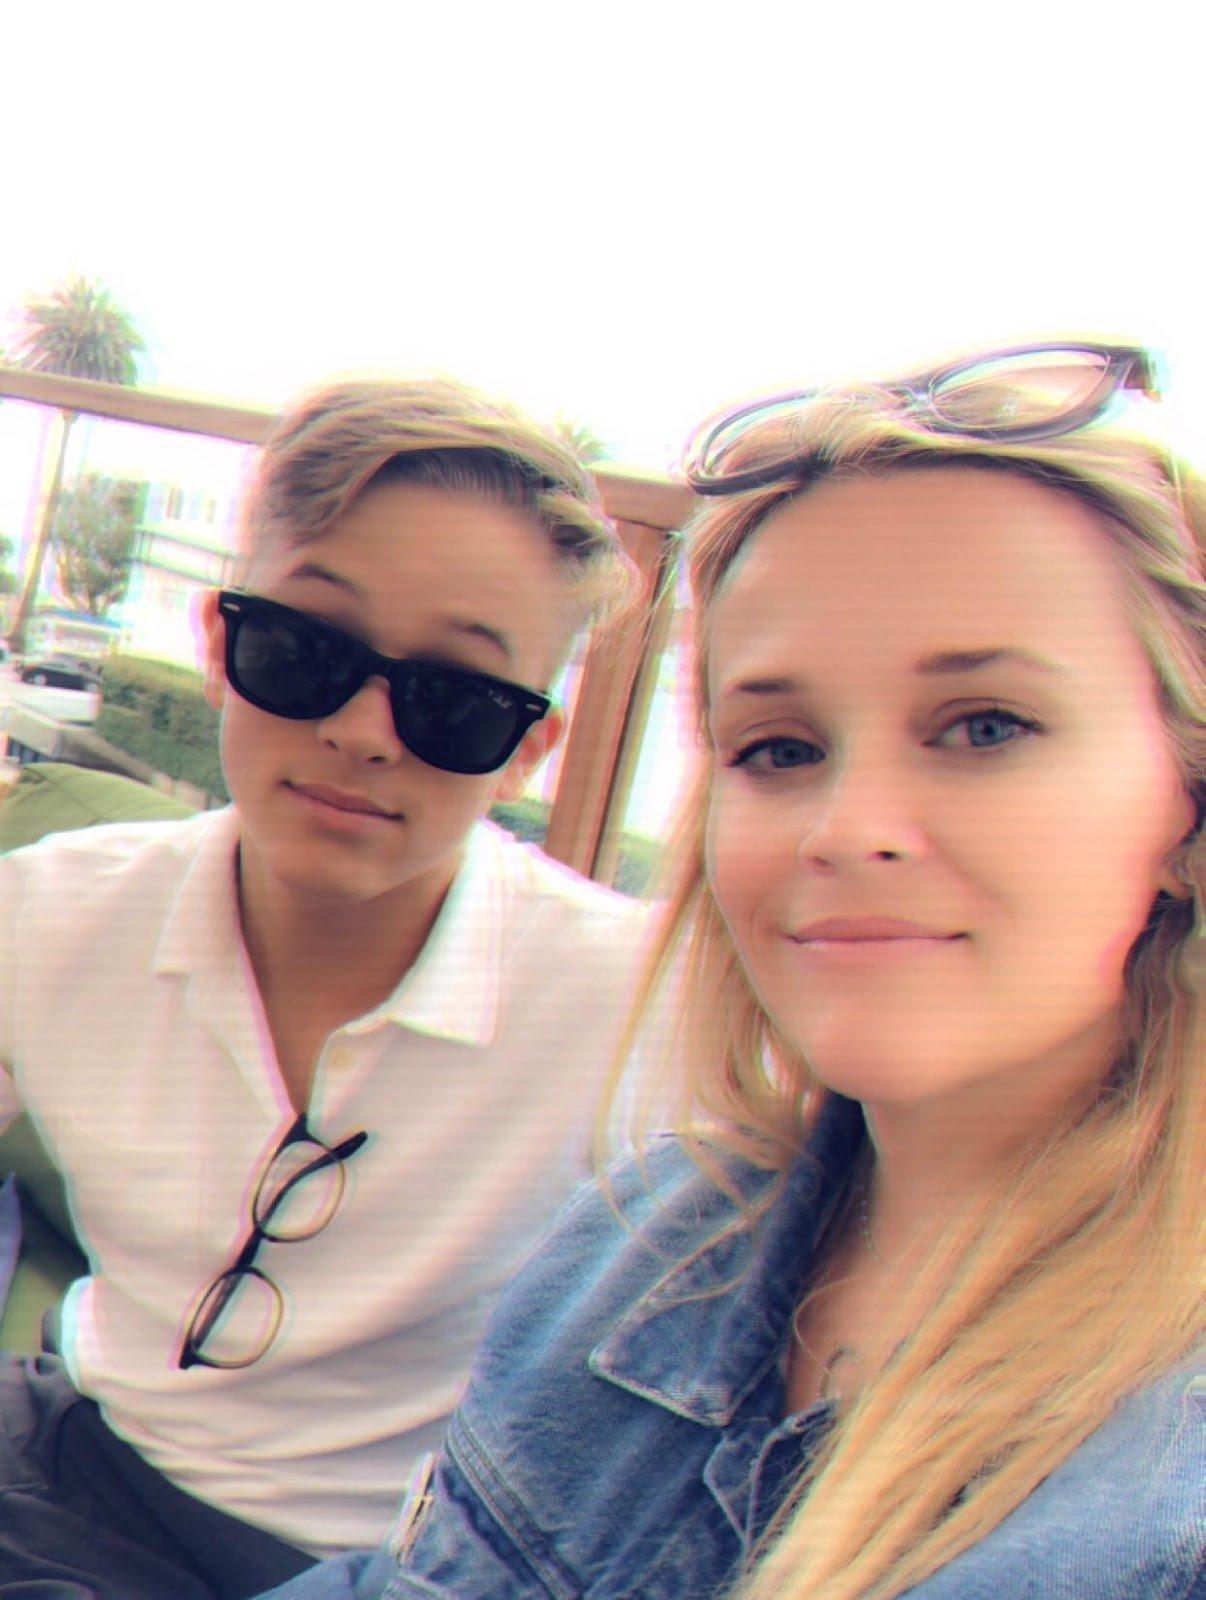 Lunch with my boy, Deacon ! �� #TGIF #SummerFun https://t.co/0MTcxTRwIo